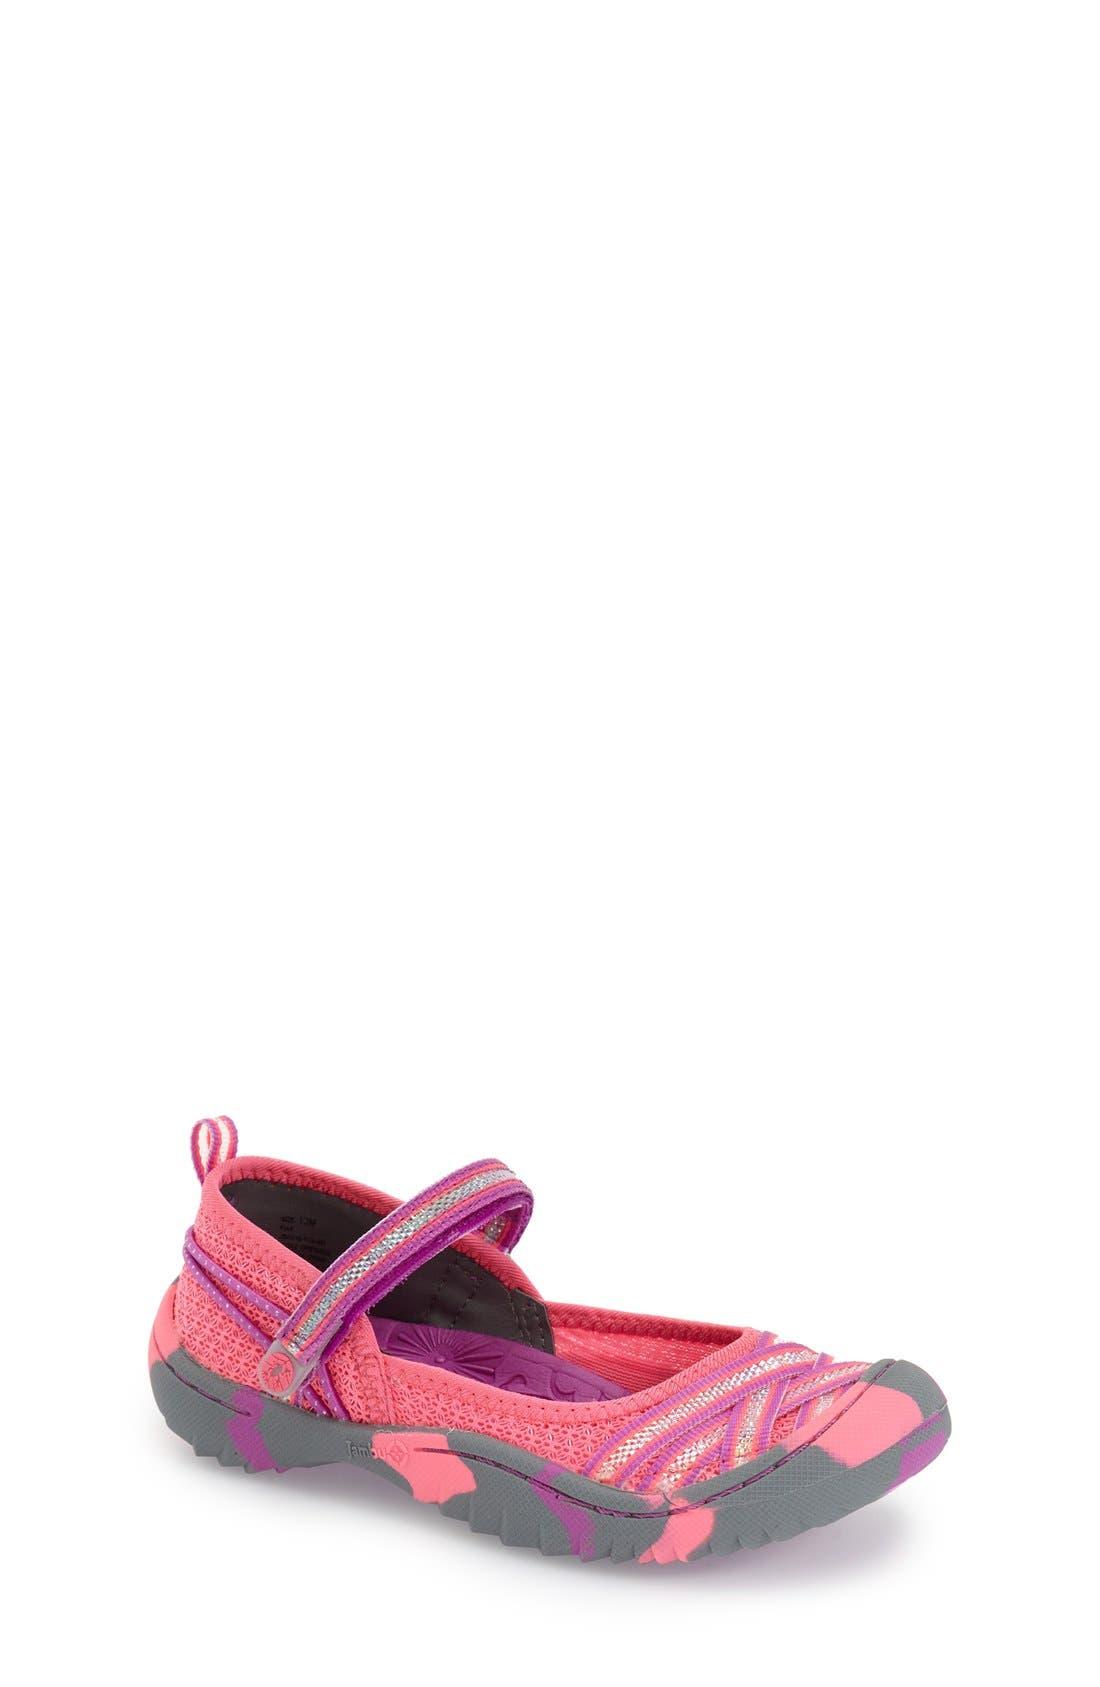 JAMBU 'Fia 4' Sandal